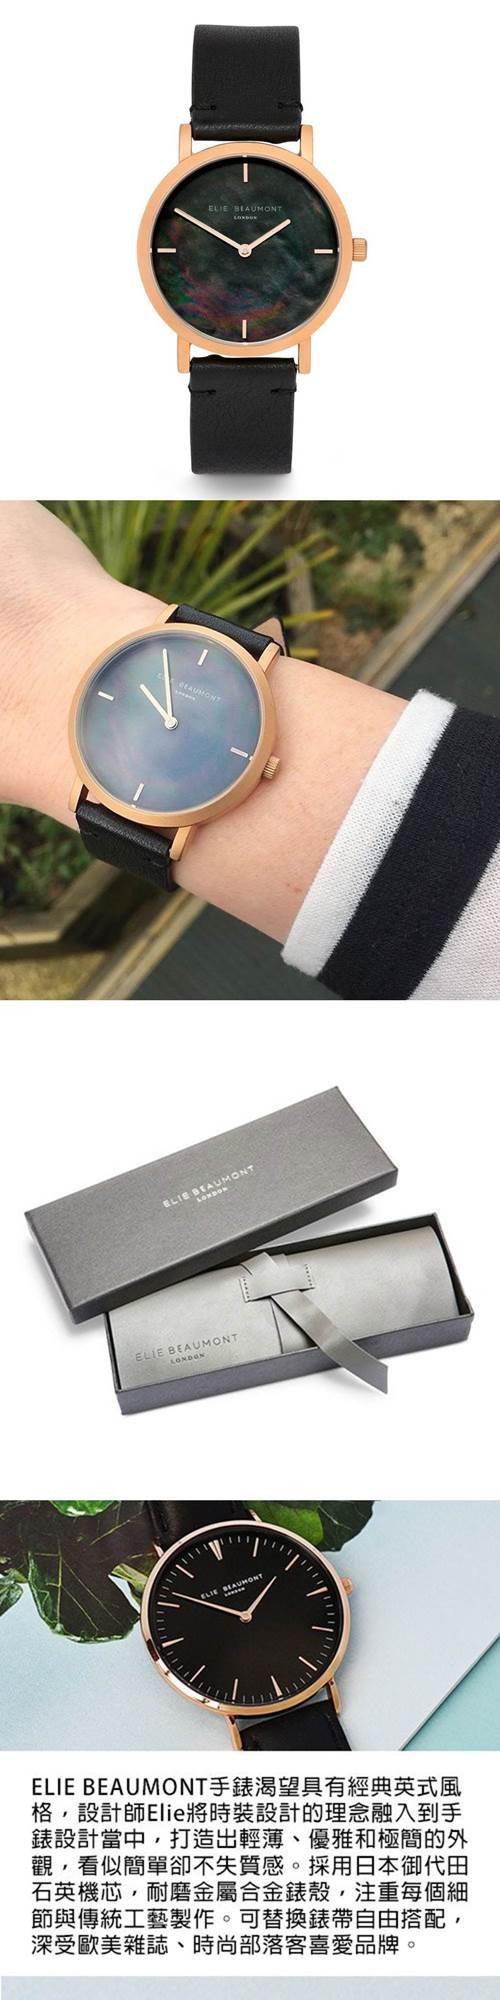 (複製)Elie Beaumont 英國時尚手錶 KENSINGTON珍珠母貝系列 褐色X玫瑰金36mm